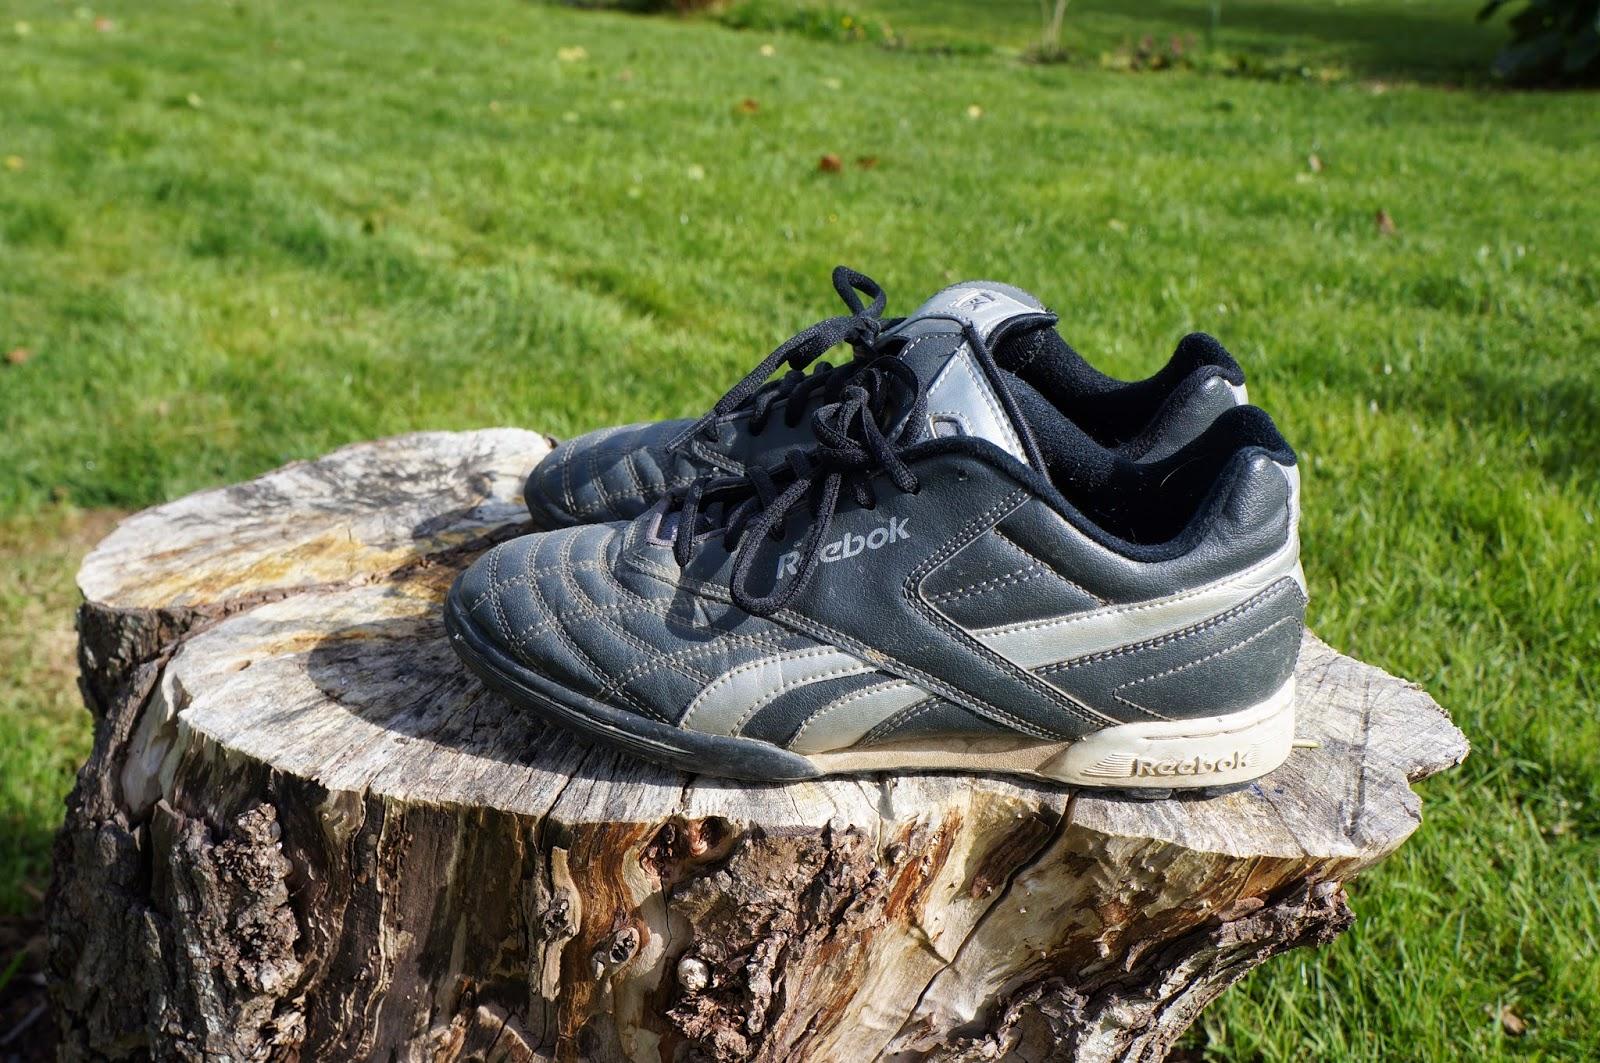 b6d6a787f7f AnneClaireBCN  Ce que les chaussures disent de votre pratique de la ...